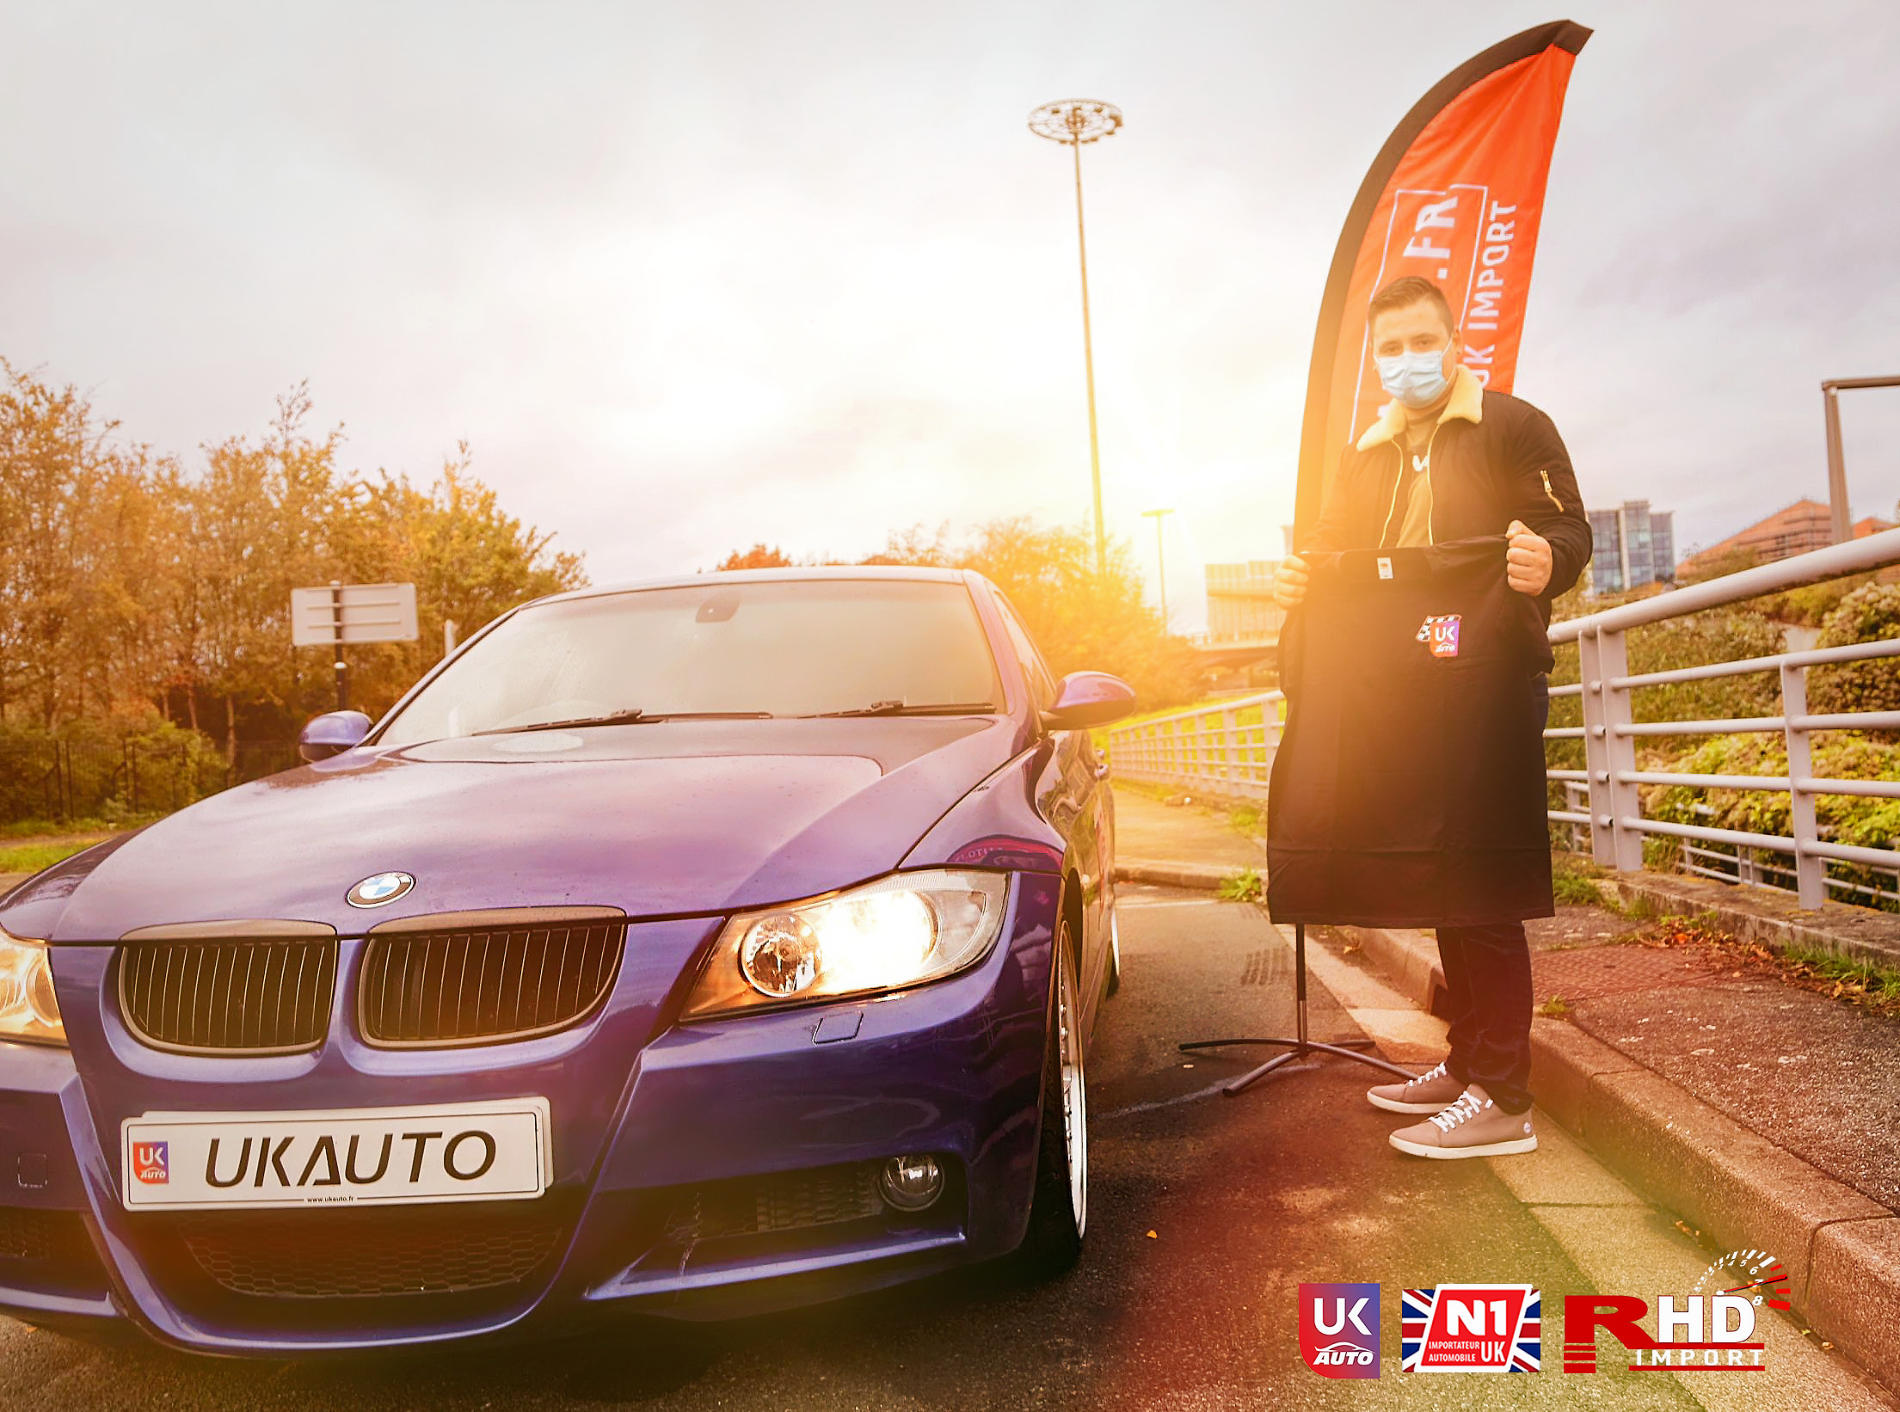 IMPORT BMW 330I LIVRAISON BMW EN FRANCE RHD PAR UKAUTO MANDATAIRE BMW AUTO PAS CHER PAR UKAUTO14 - IMPORT BMW 330I LIVRAISON BMW EN FRANCE RHD PAR UKAUTO MANDATAIRE BMW AUTO PAS CHER PAR UKAUTO